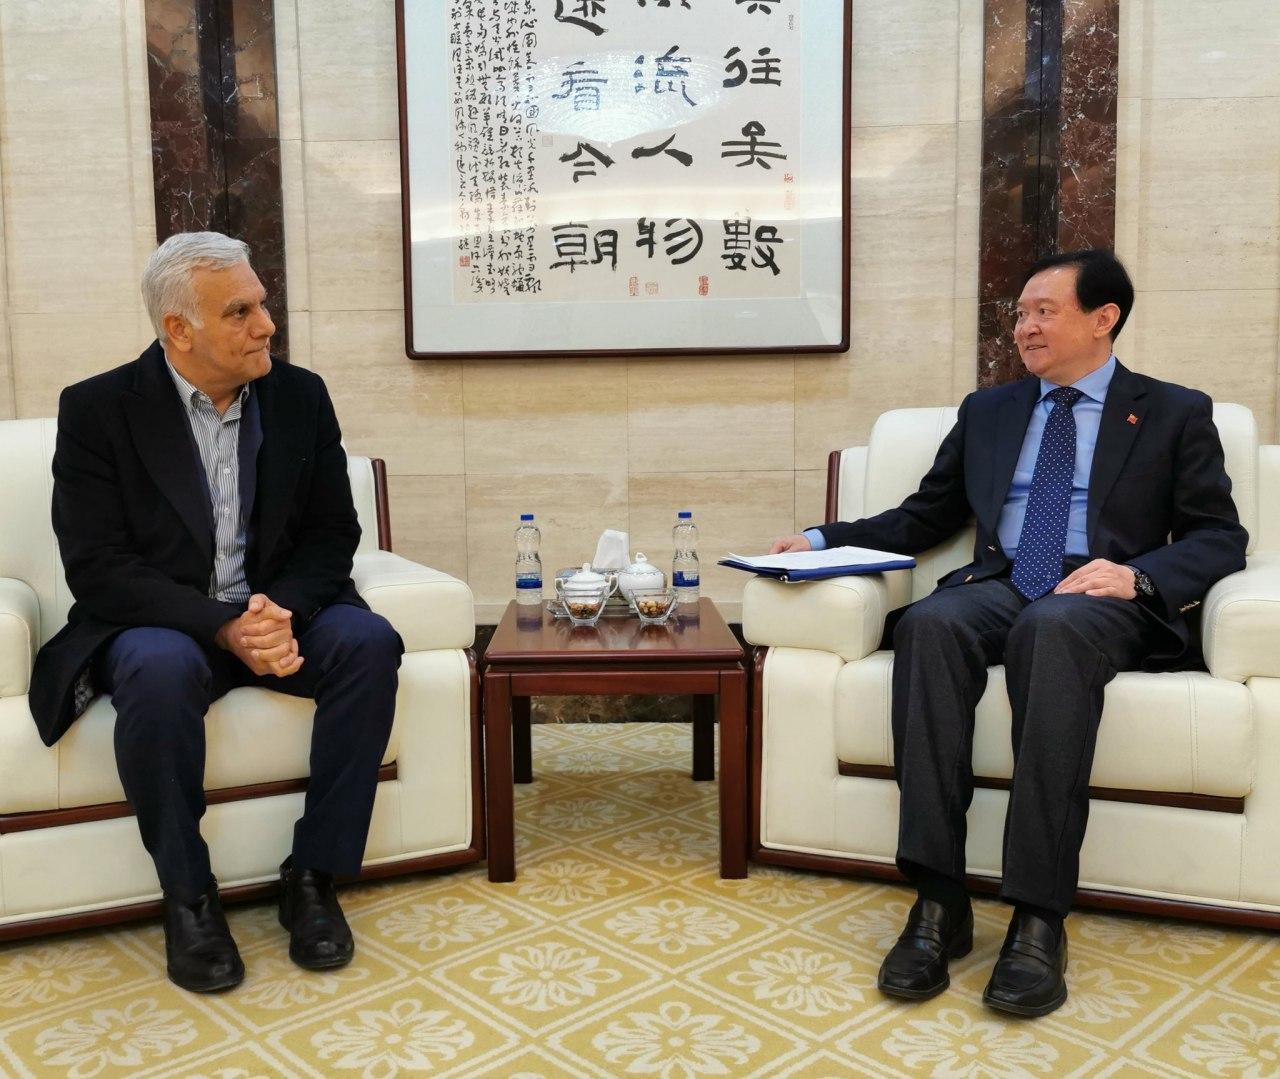 سفیر چین در ایران: در دیدار با … 587344001580671205